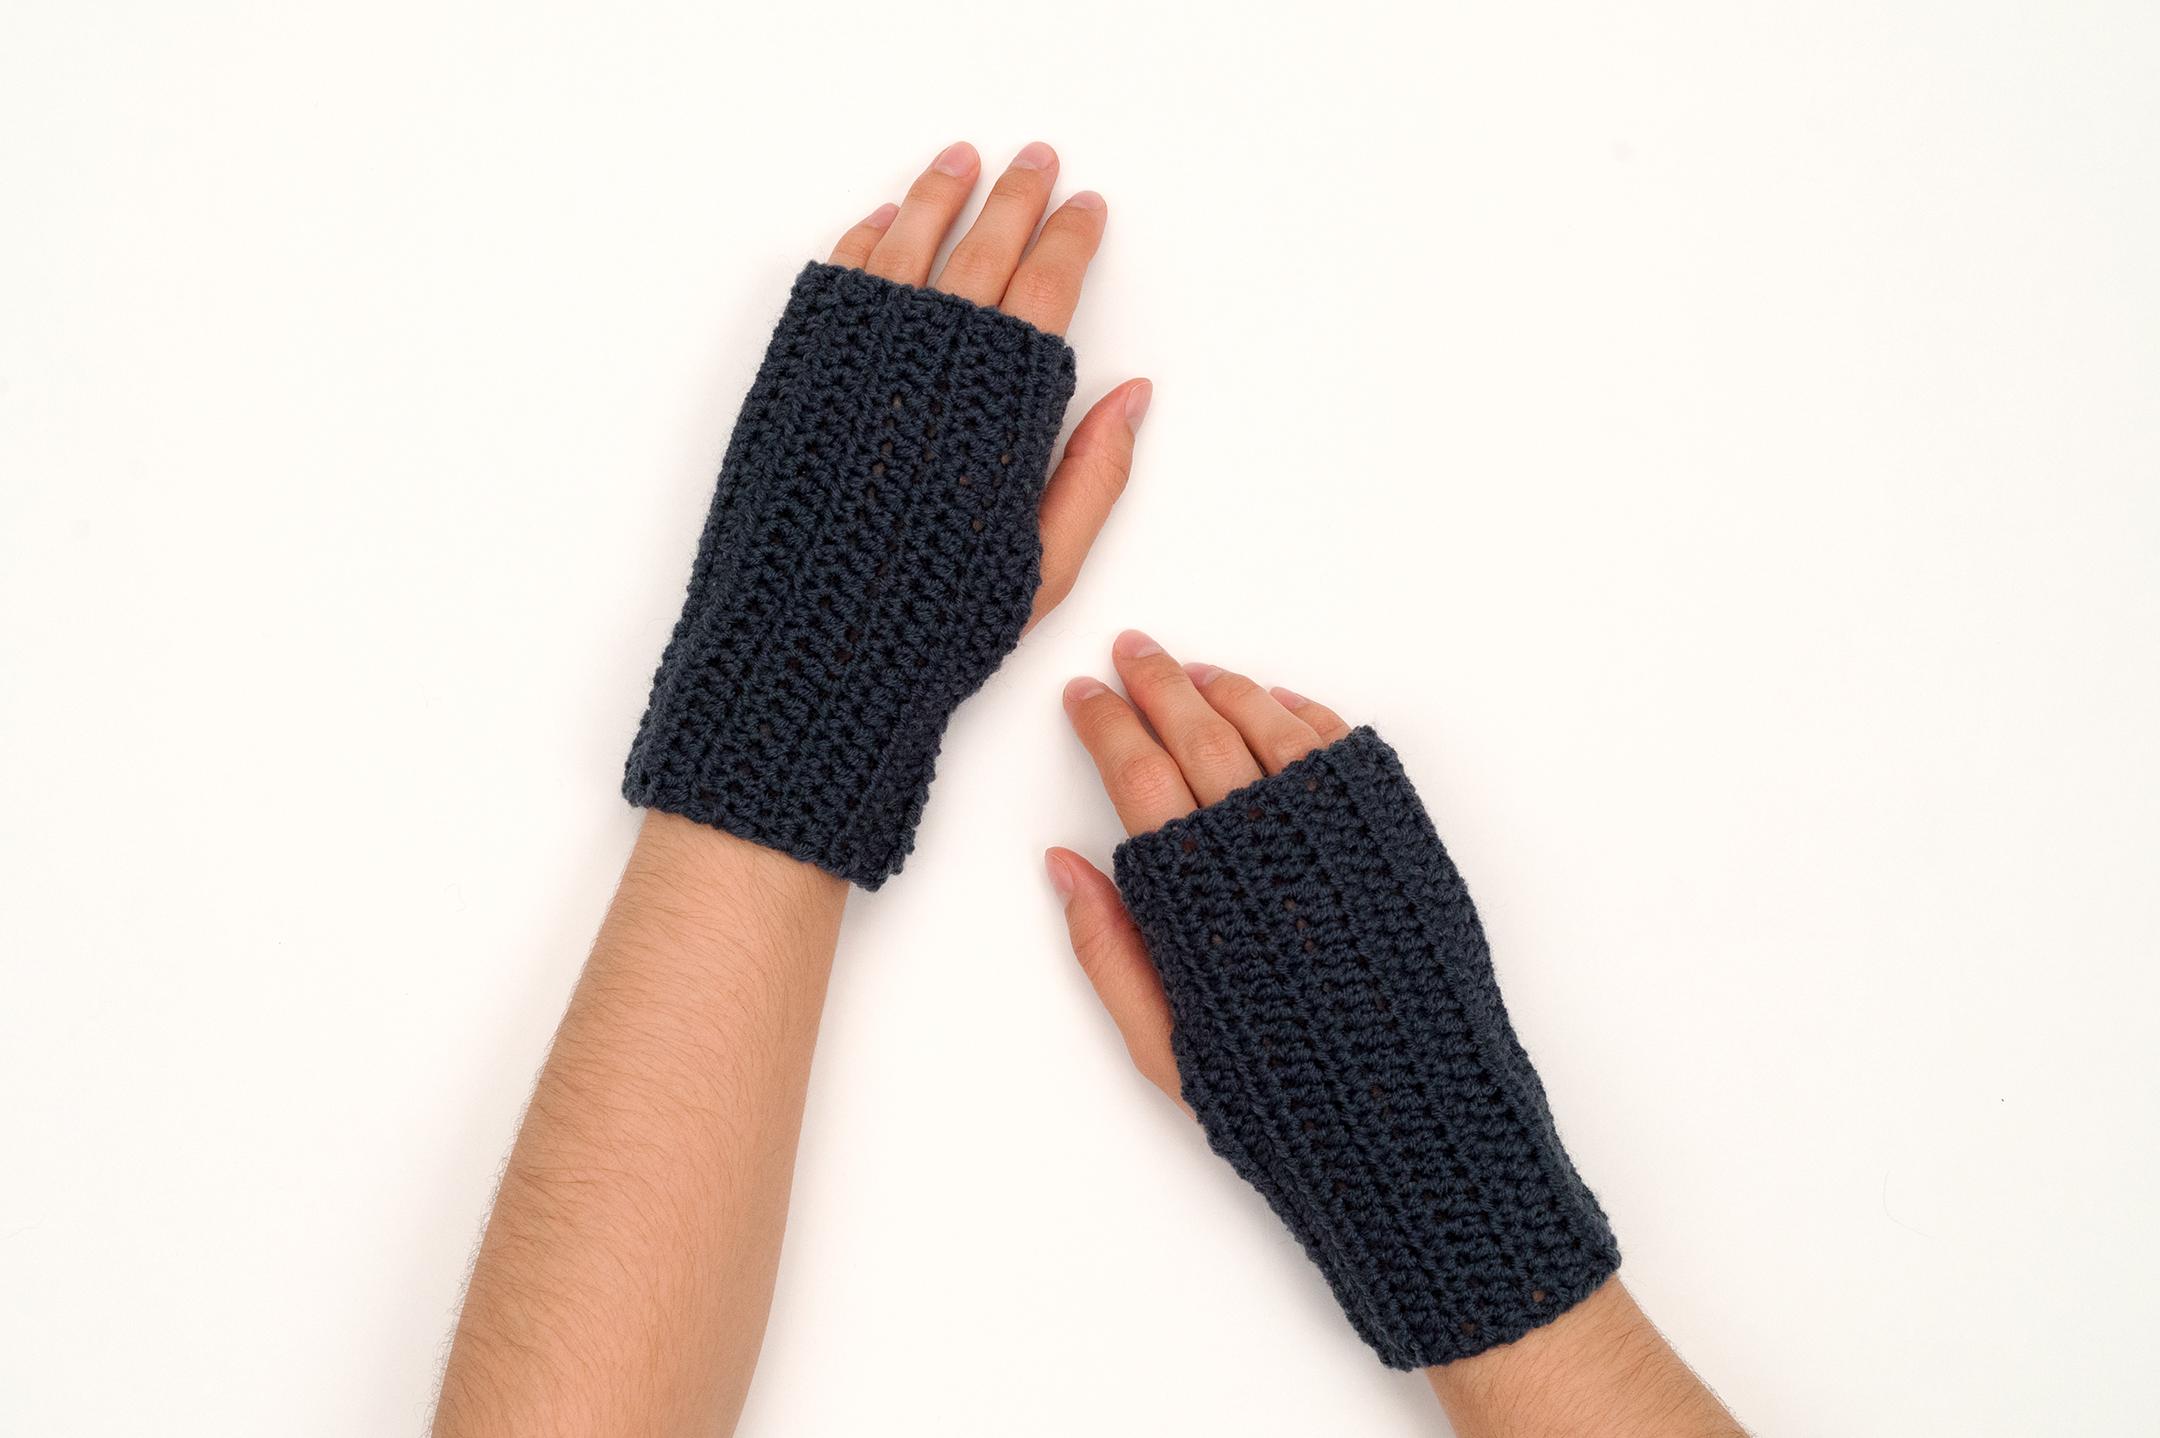 Crochet Fingerless Glove Pattern by BrennaAnnHandmade - Hobium Blog